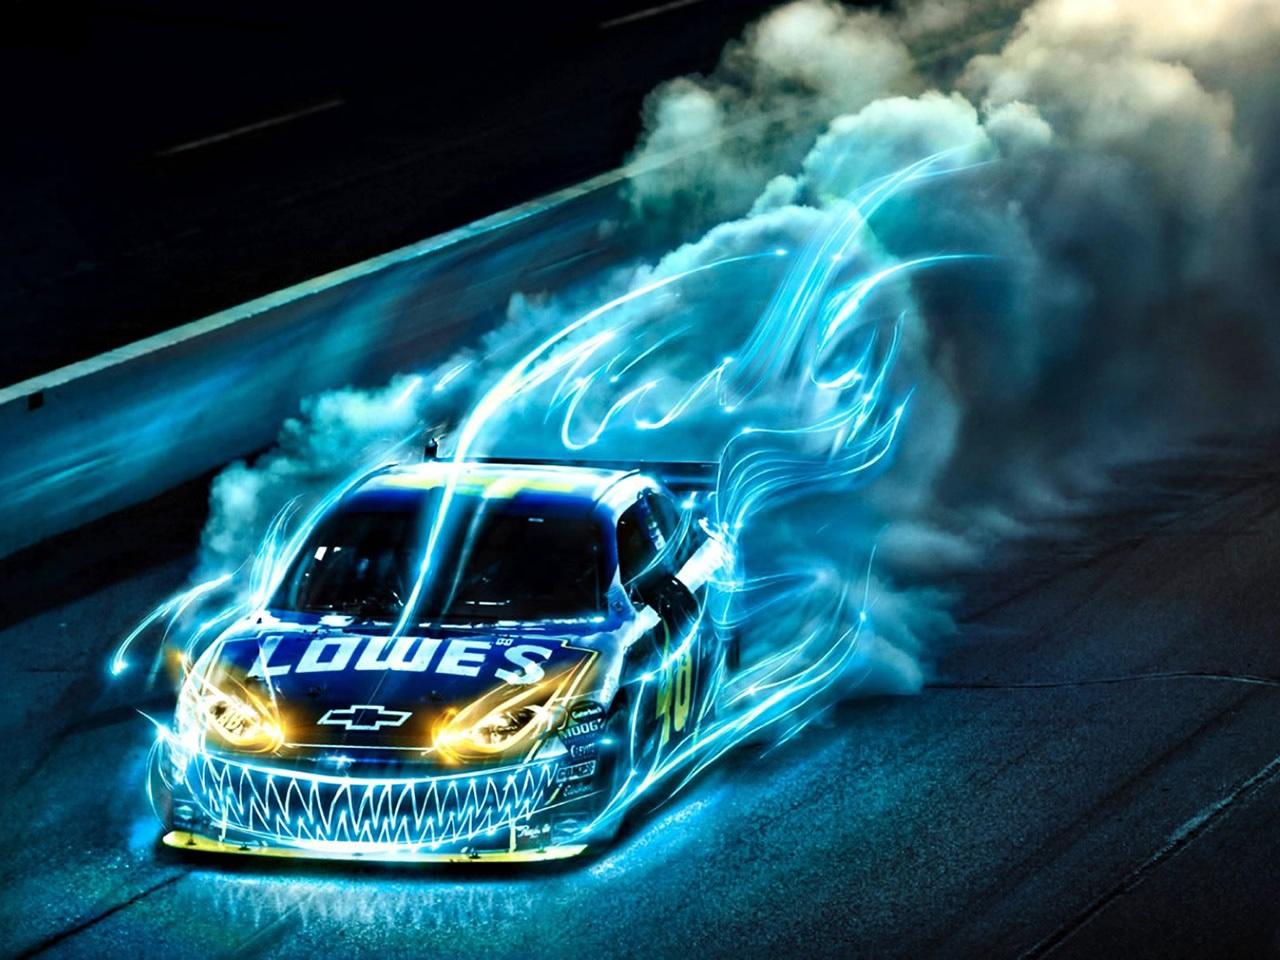 http://1.bp.blogspot.com/-CwNthsmPufk/T1zVgHBCgQI/AAAAAAAAFEQ/9W6EAzZQMVM/s1600/drag-racing-wallpaper.jpg